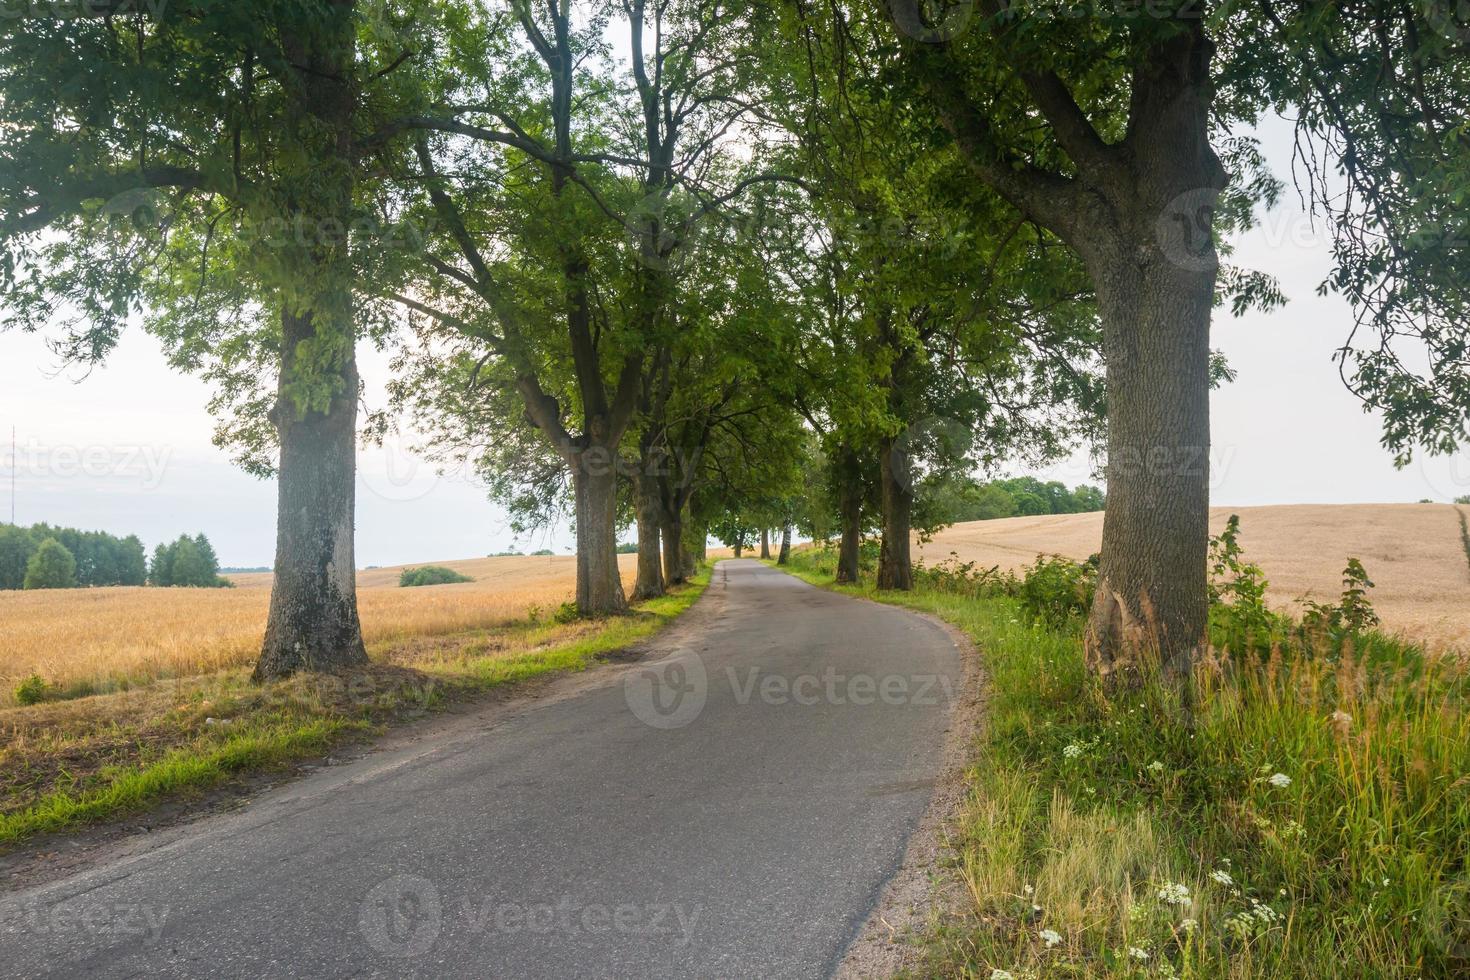 Asphaltstraße in der Nähe von Feldern foto